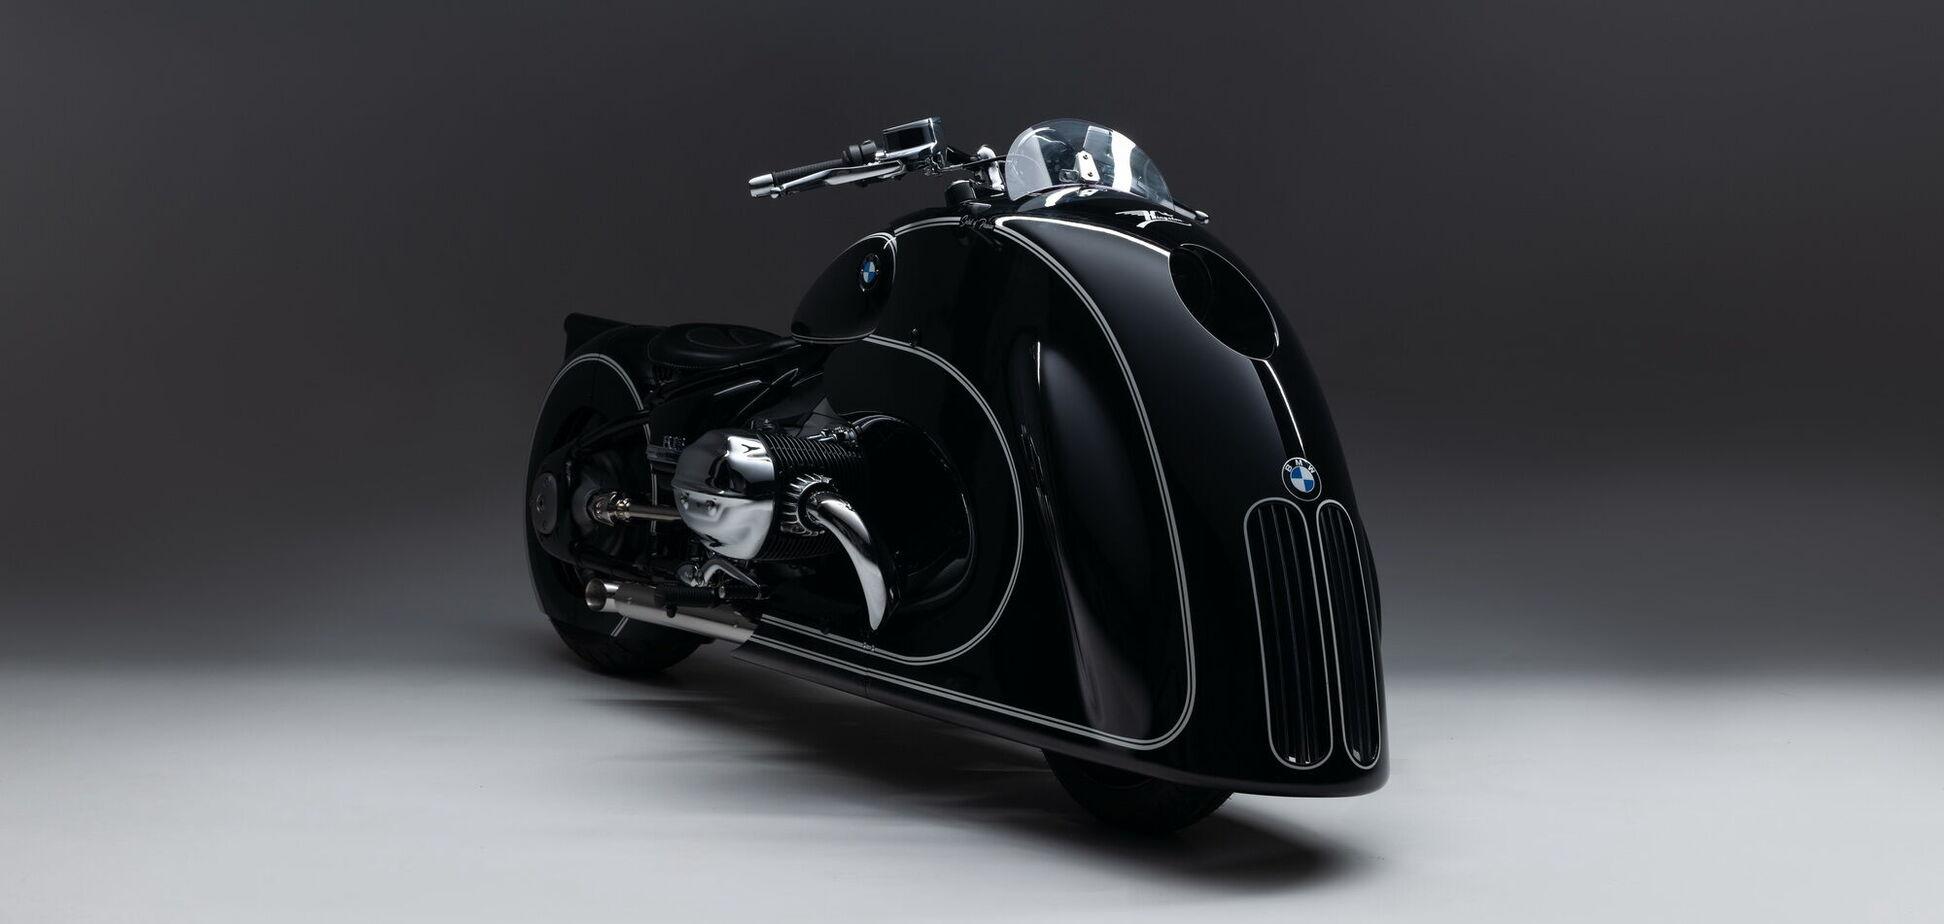 BMW Motorrad презентовал кастом-байк в стиле ар-деко